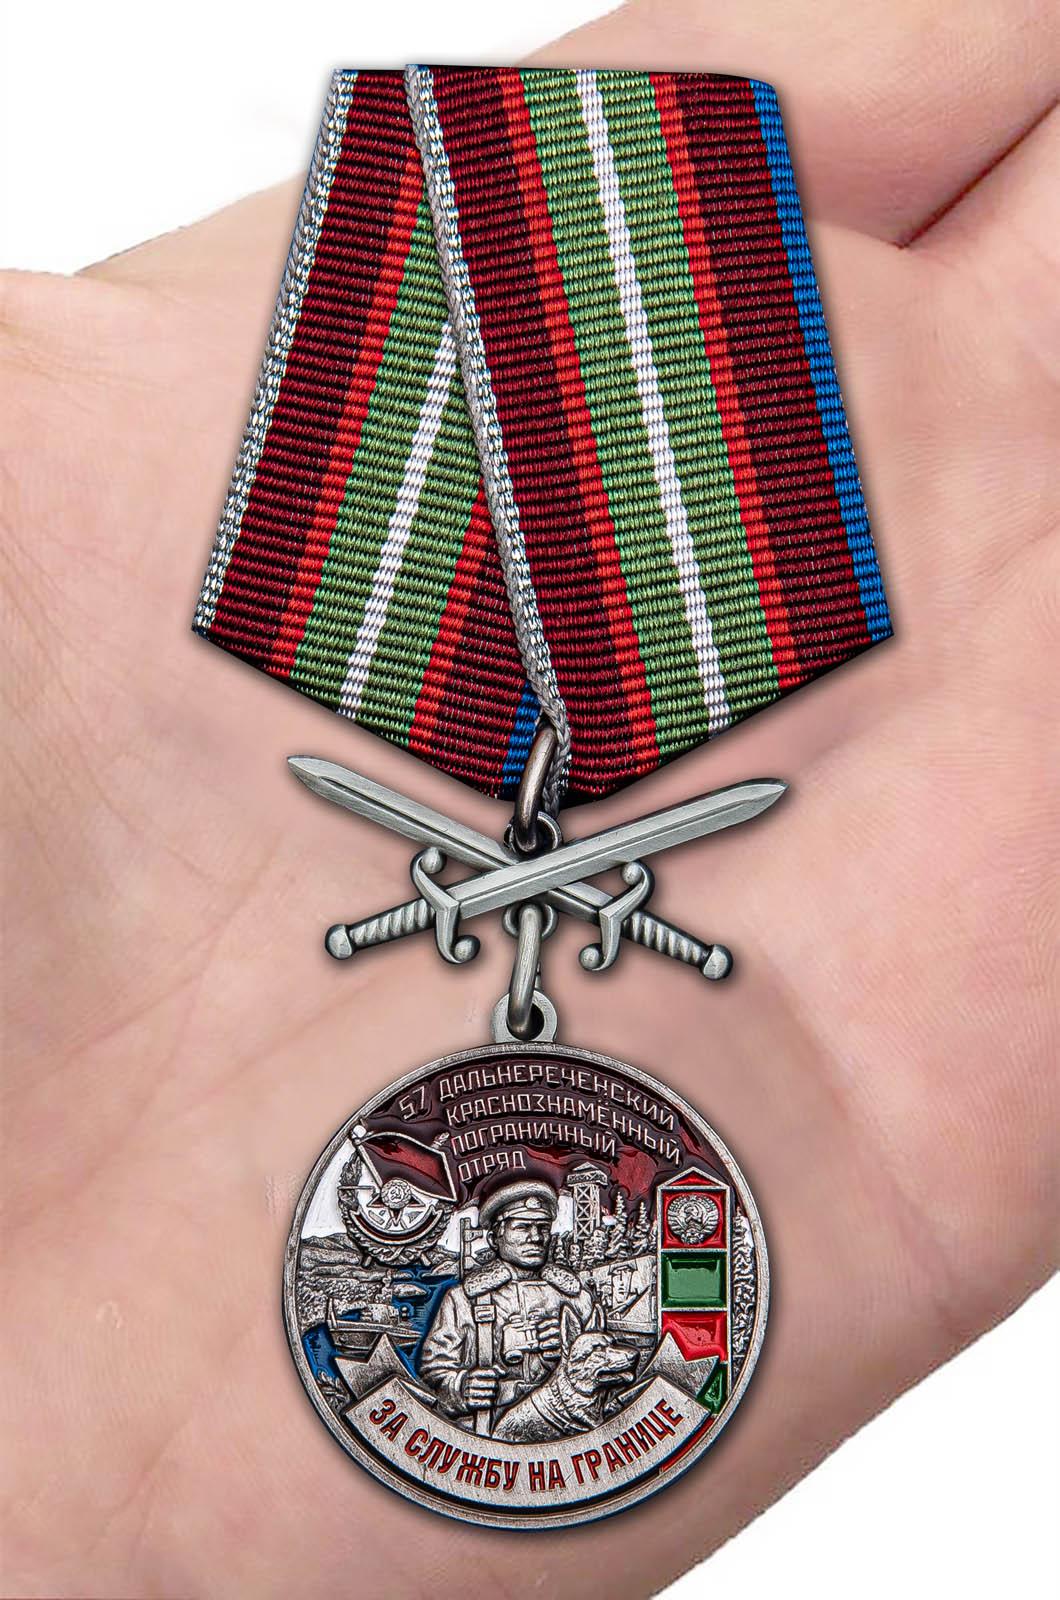 Латунная медаль За службу в Дальнереченском пограничном отряде - вид на ладони